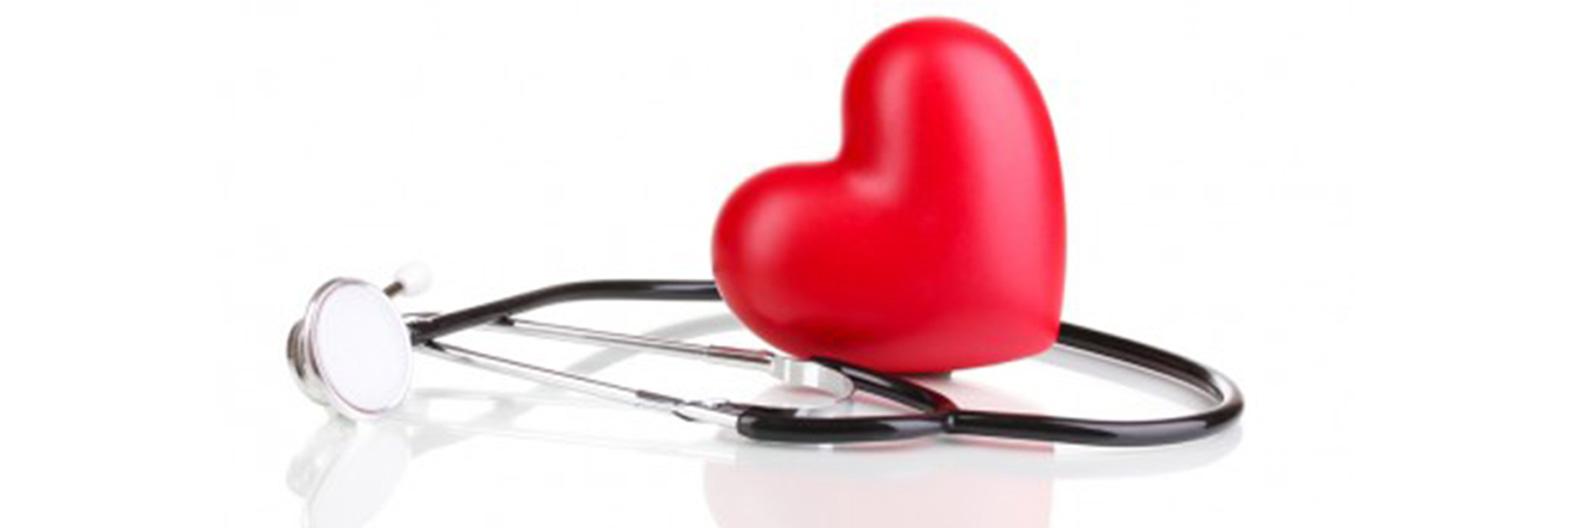 kas yra 2 laipsnio hipertenzija 3 rizikos laipsnis